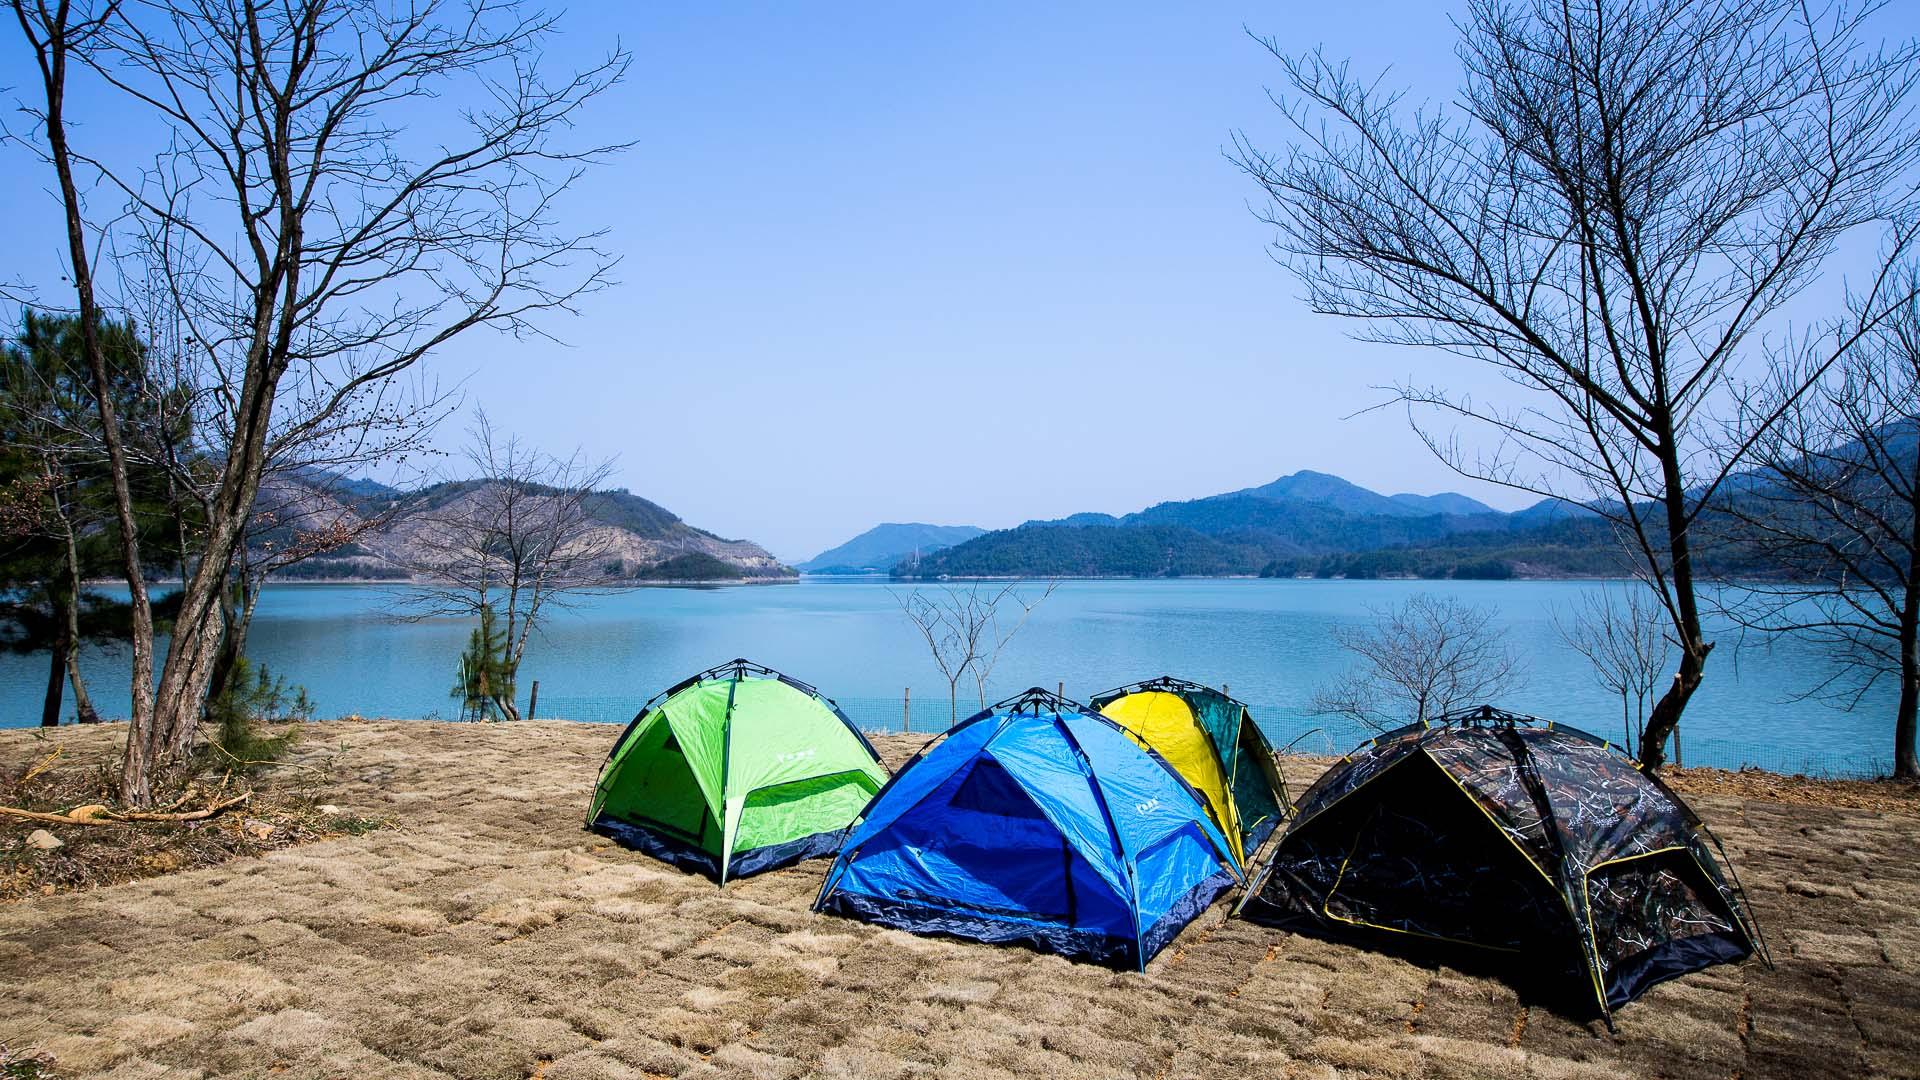 安吉天泇山户外露营基地